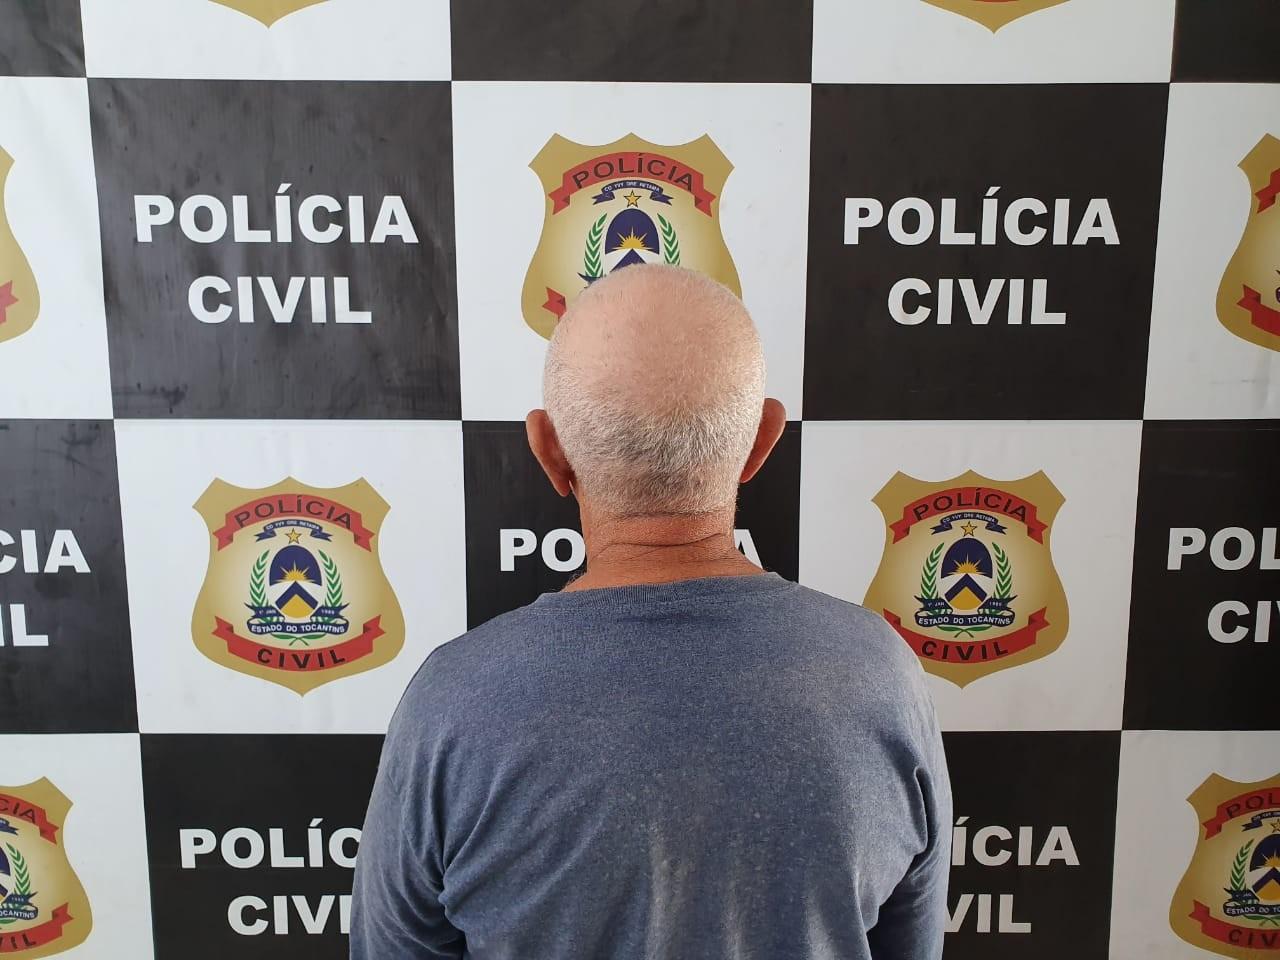 Mototaxista é preso em Gurupi suspeito de tentativa de homicídio que aconteceu há 23 anos - Notícias - Plantão Diário